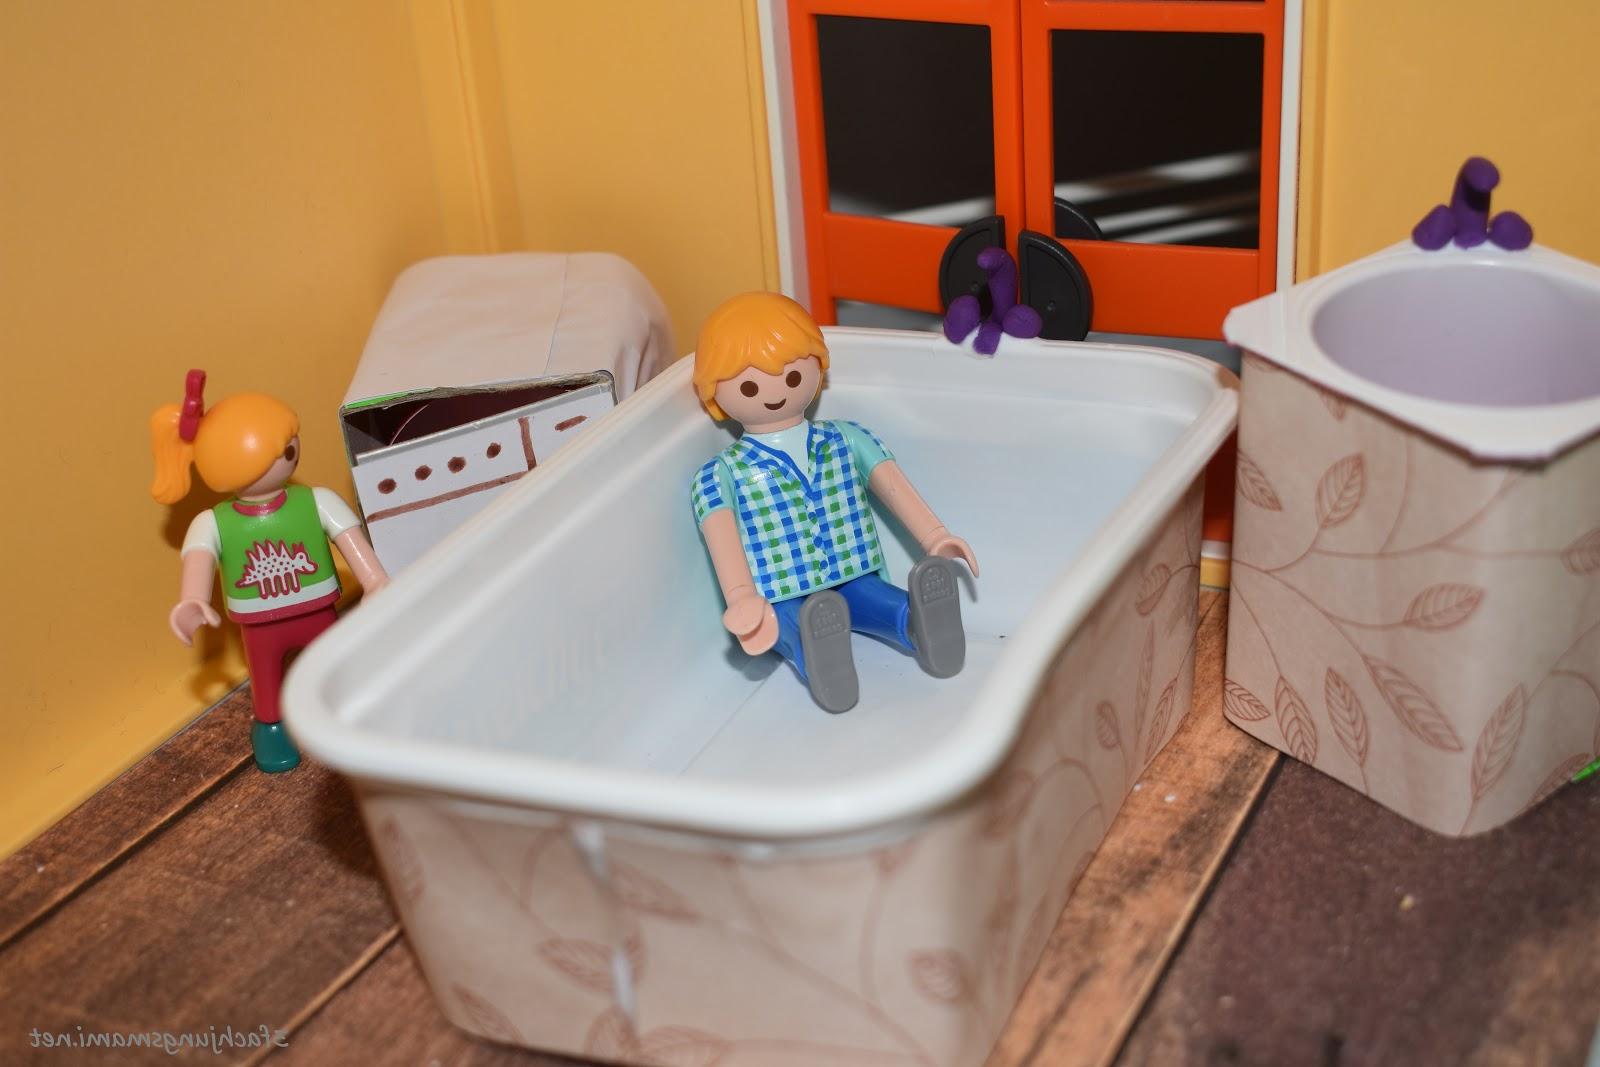 Pour les enfants c'est un vrai plaisir de se baigner dans la baignoire